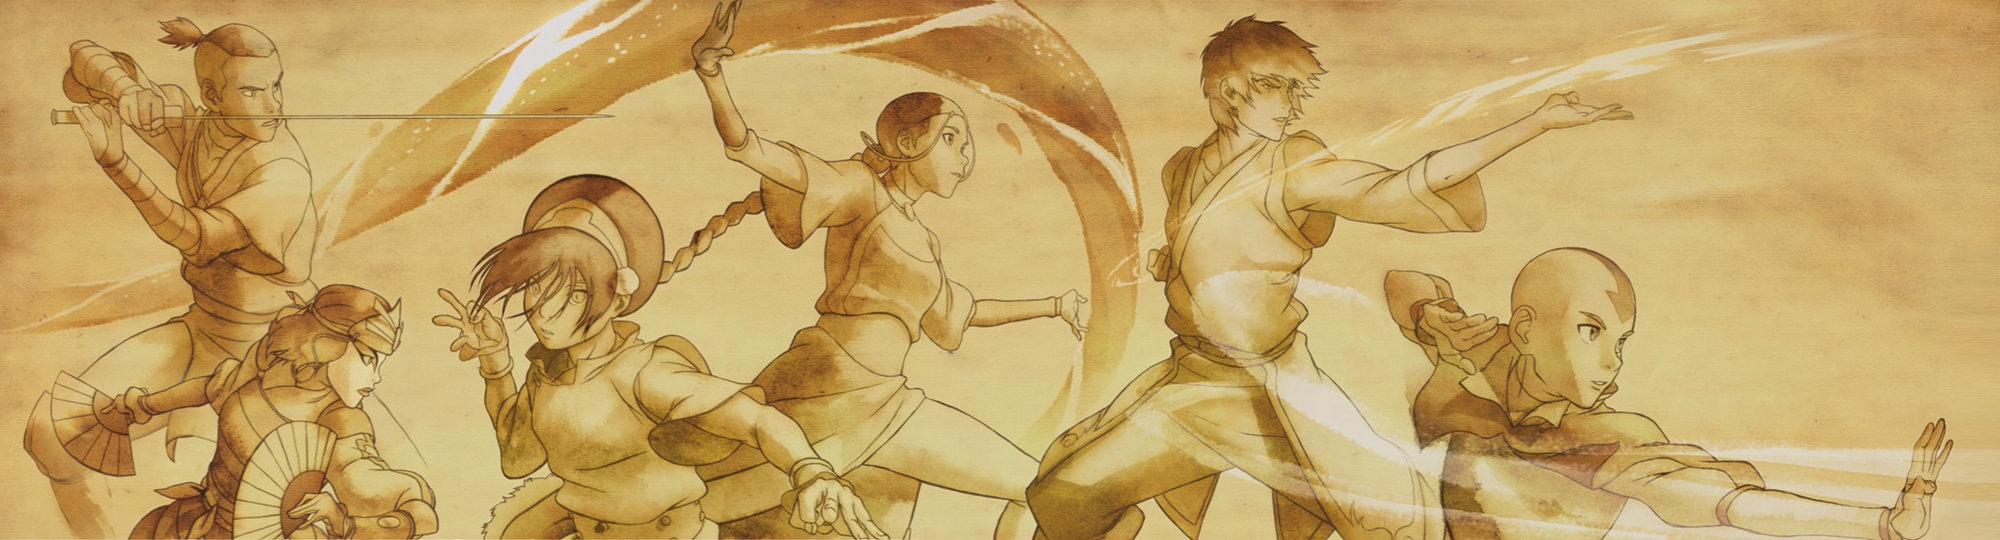 Legend of Aang by Artipelago